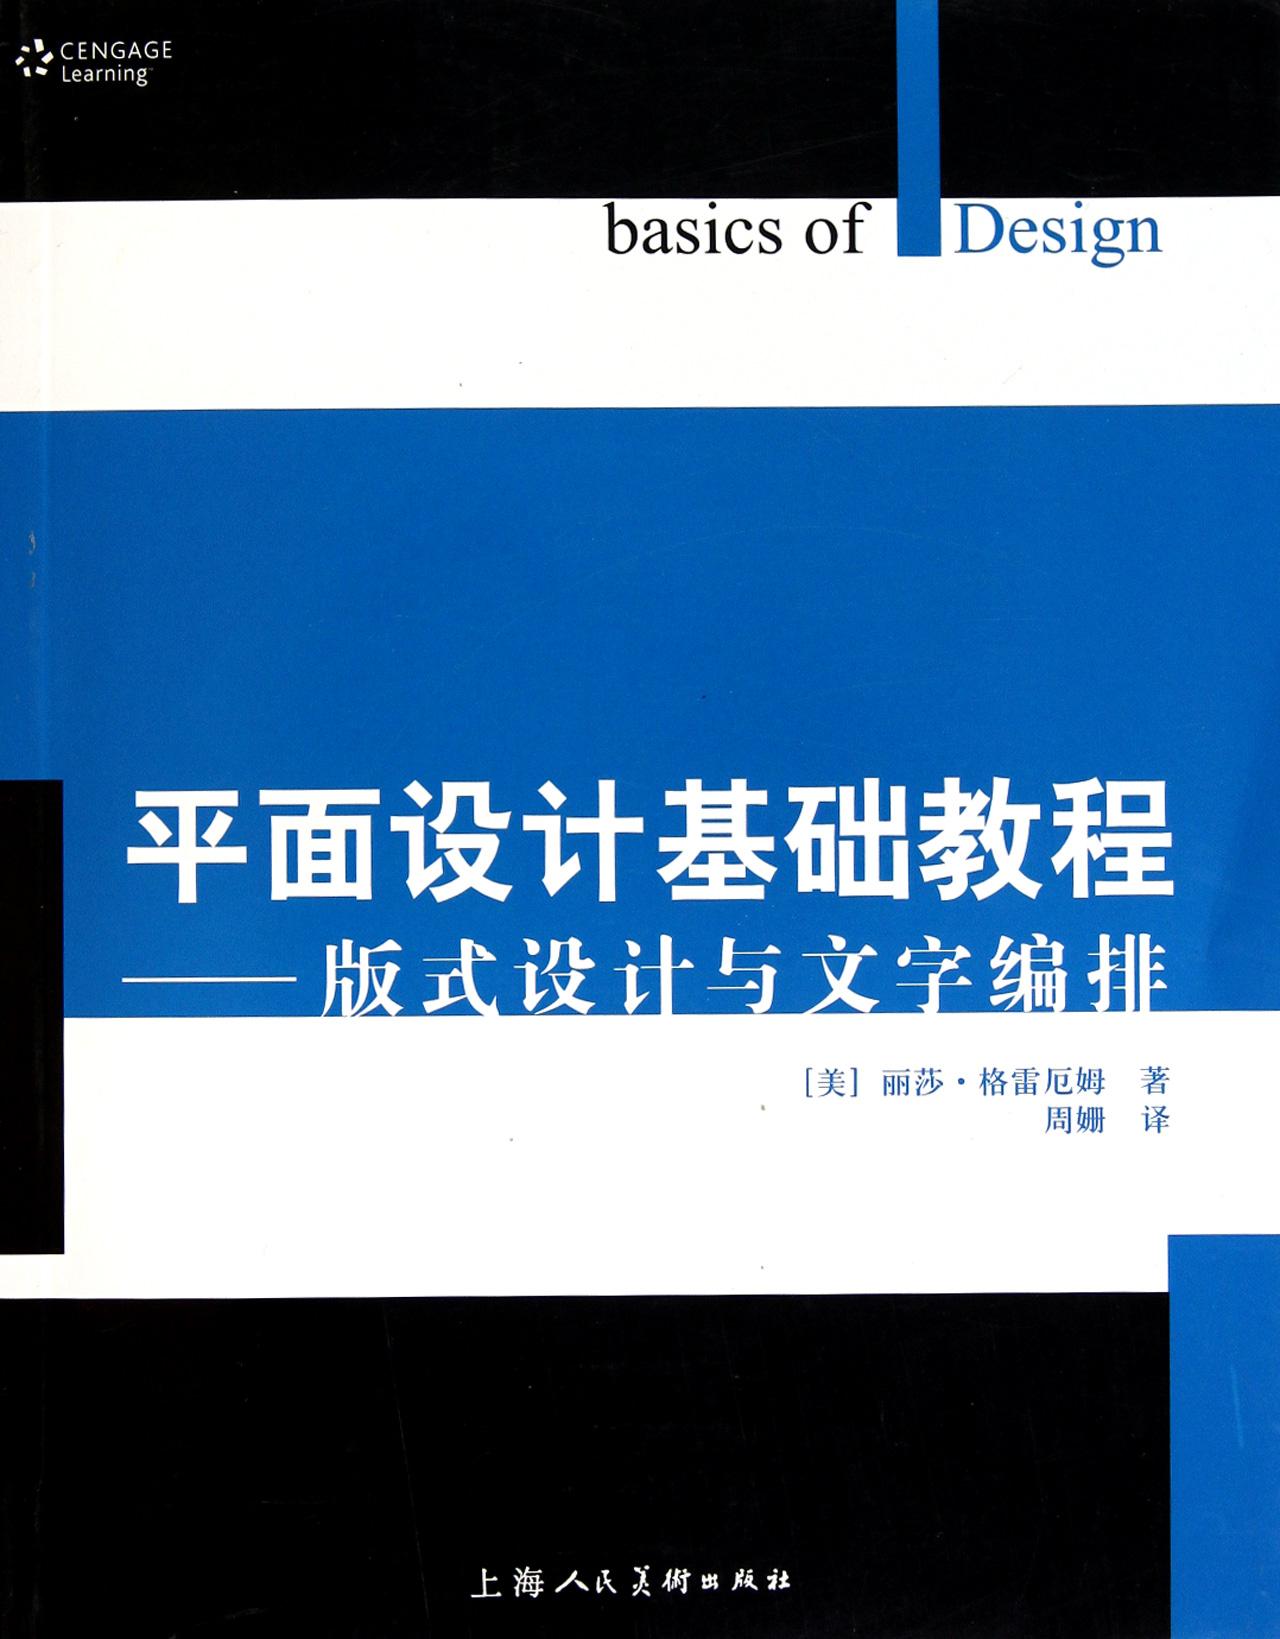 平面设计基础教程--版式设计与文字编排